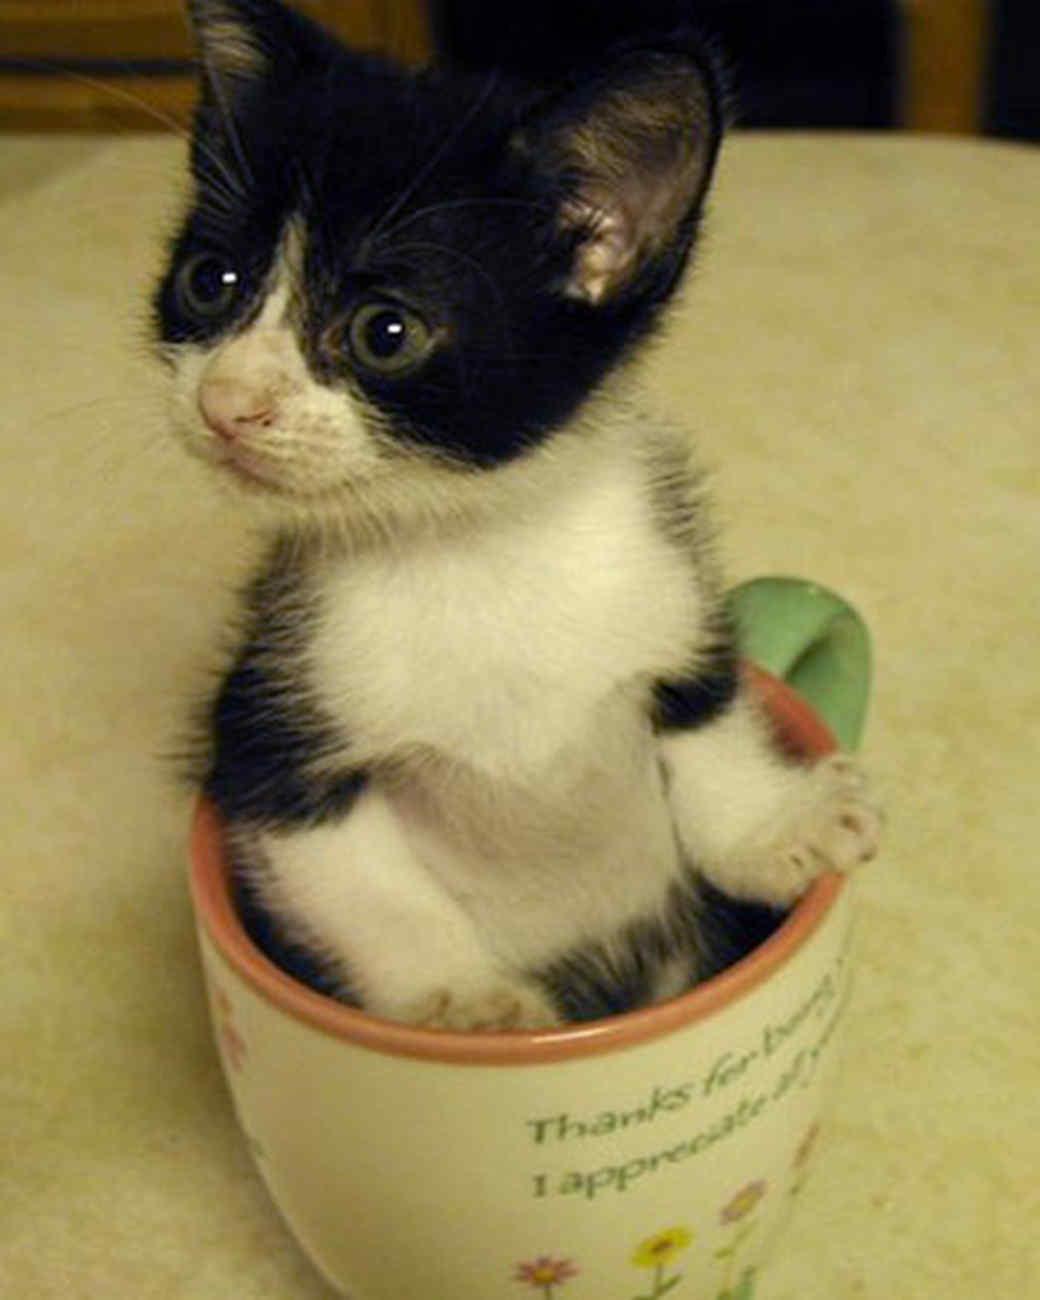 pets_kittens_0610_9675119_23856177.jpg